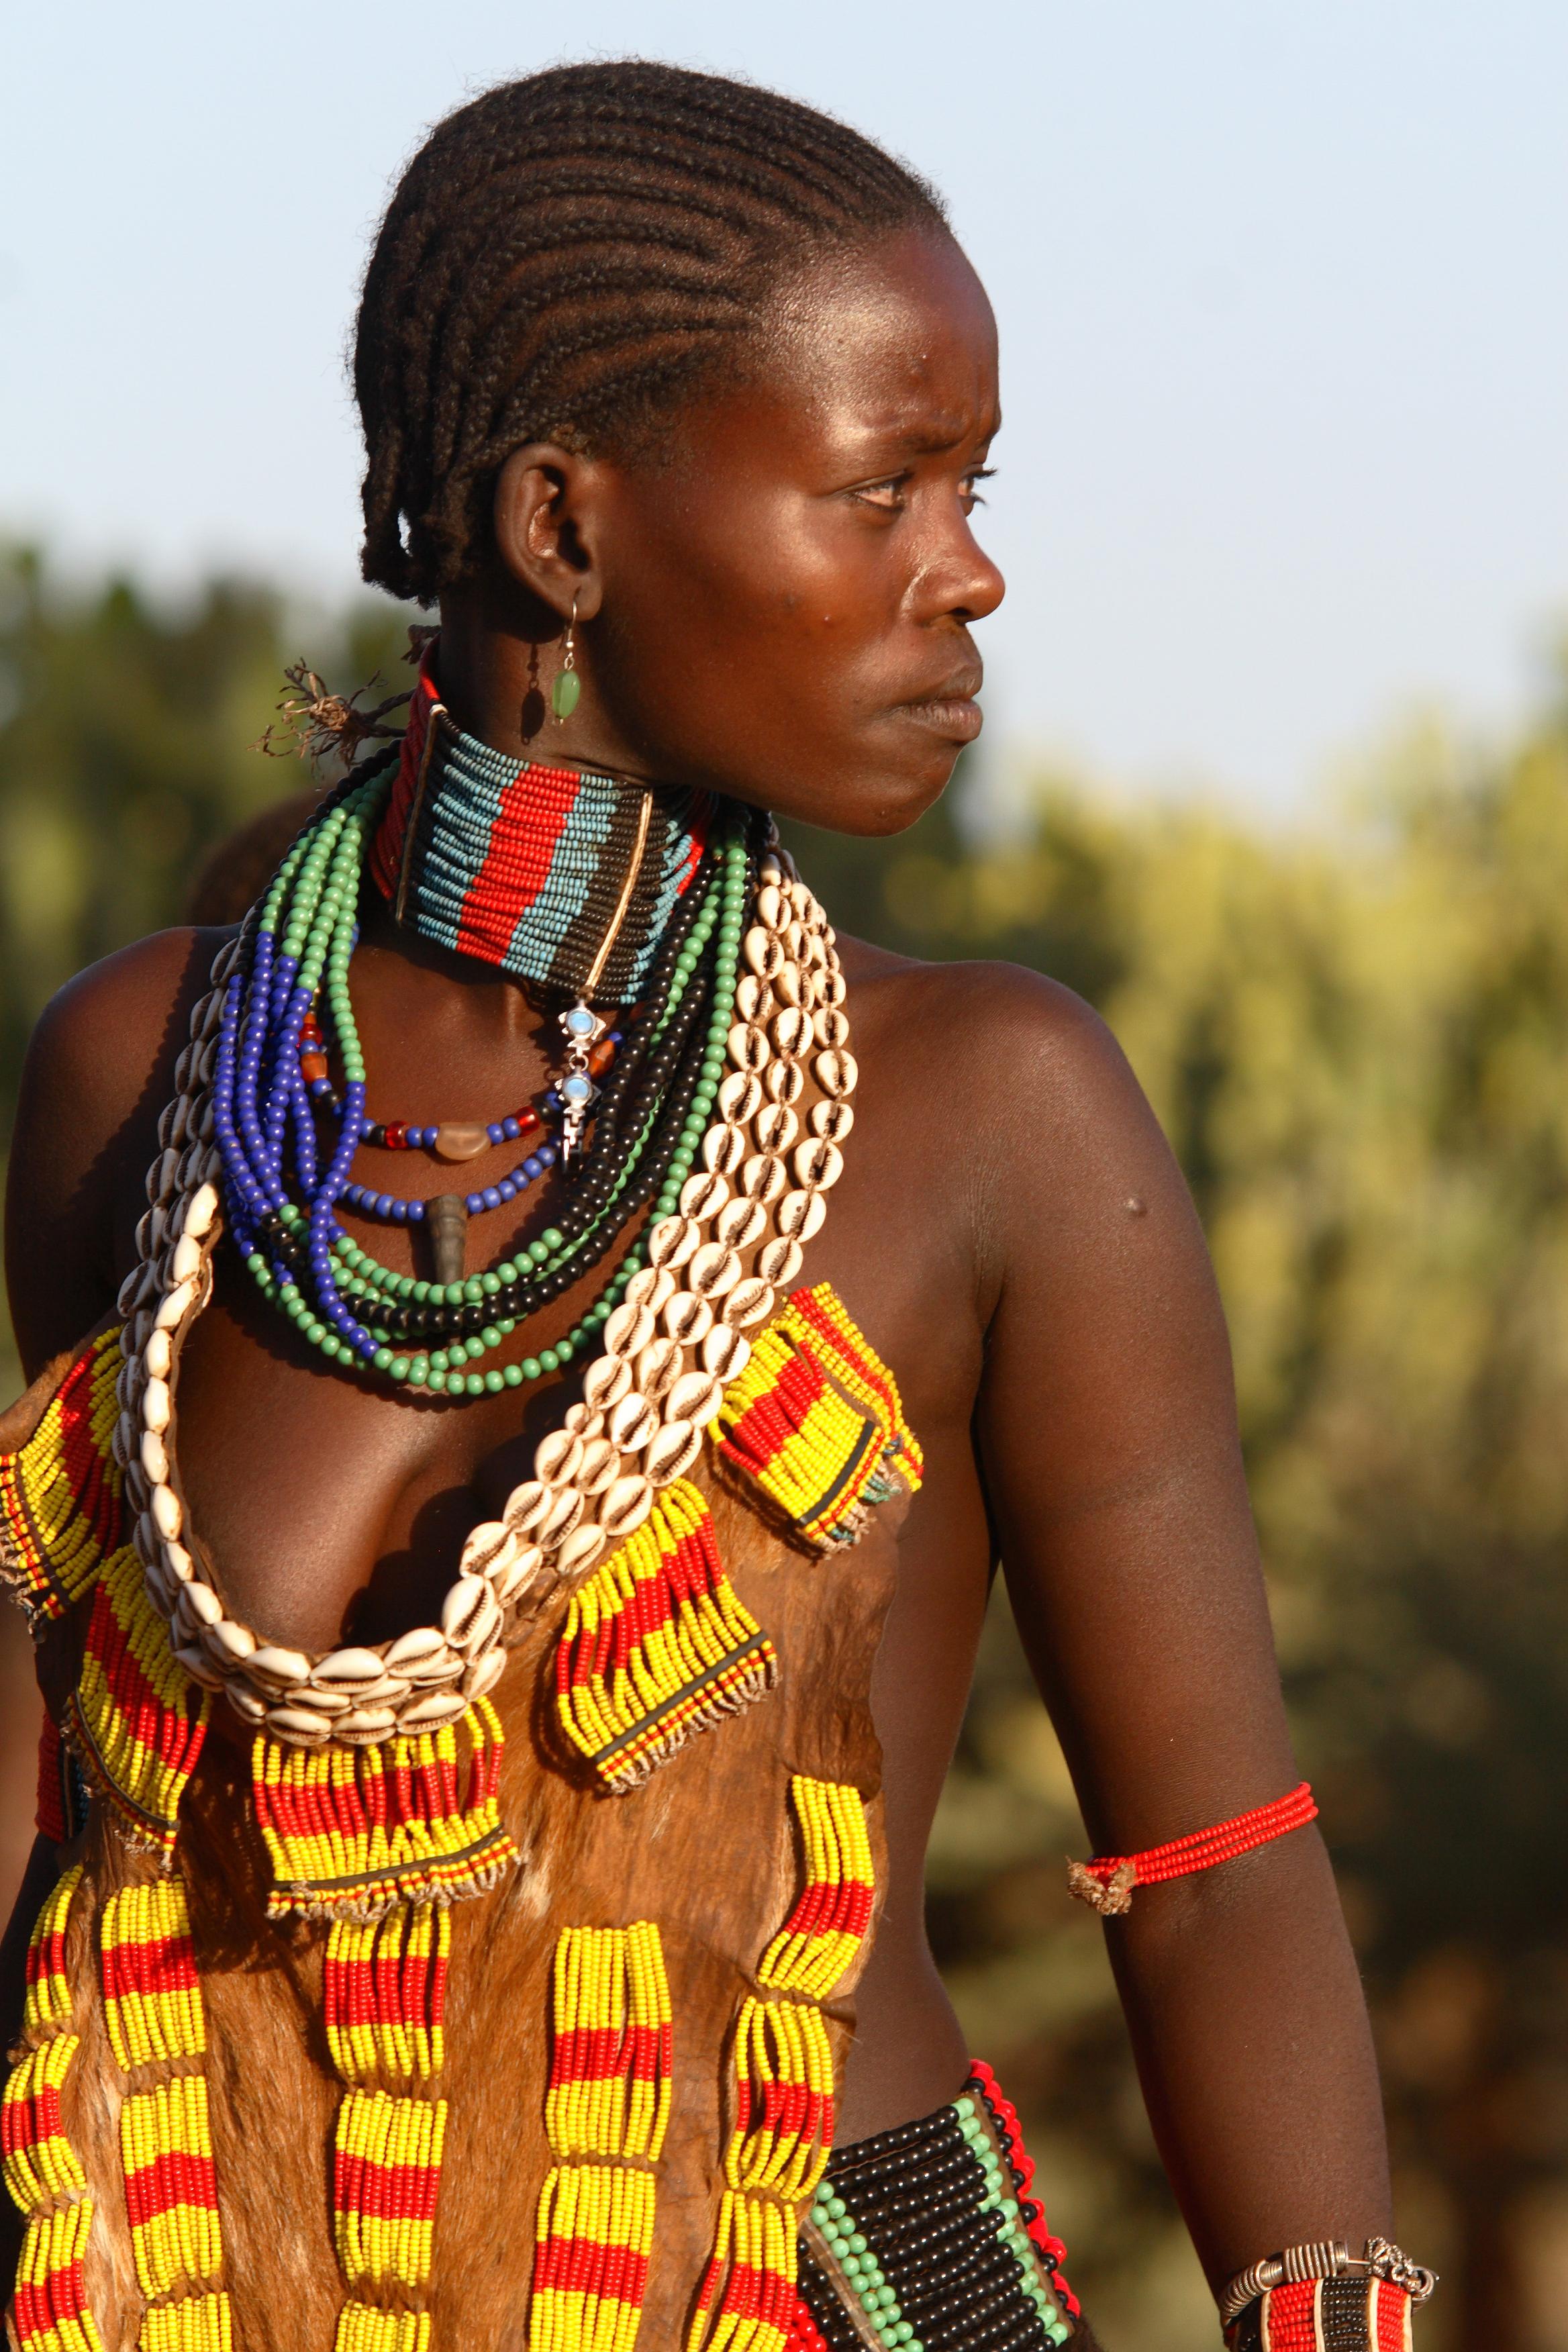 Black masai pussy images hardcore images